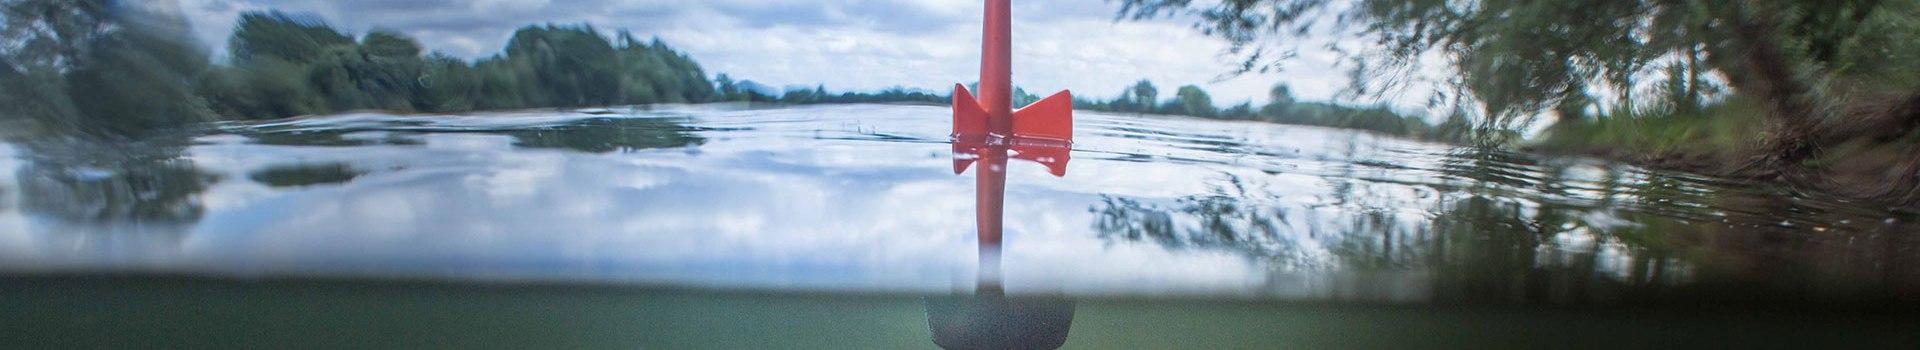 fishspy-lens